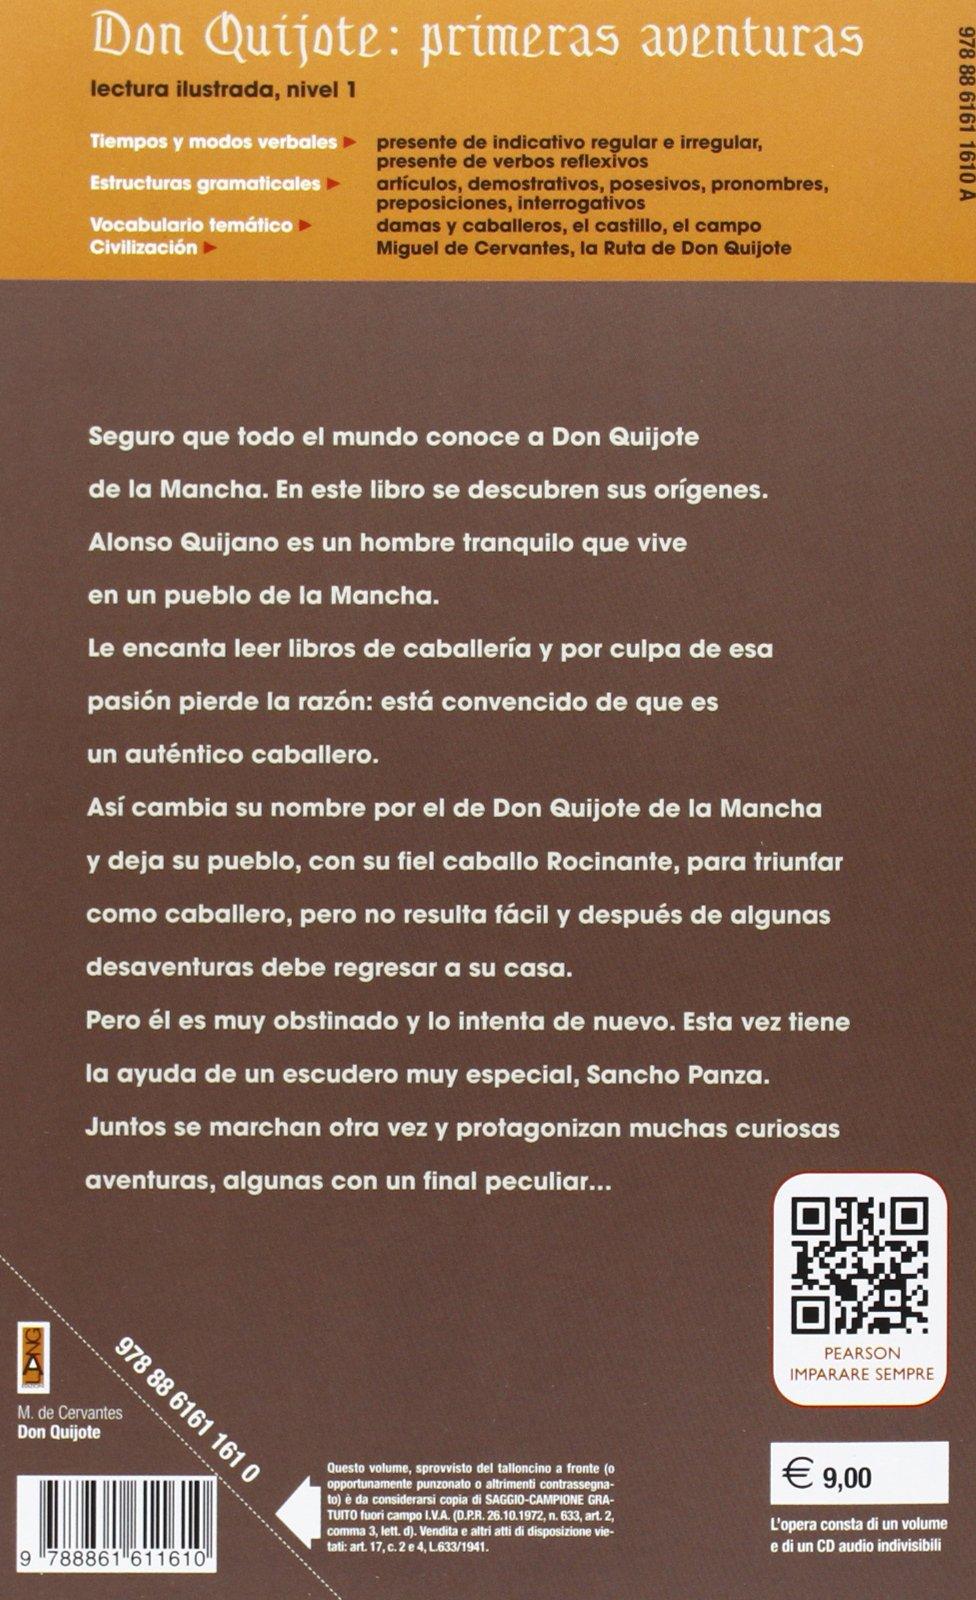 Don Quijote: primeras aventuras. Con CD Audio: Amazon.es: Miguel de Cervantes, L. Pilar Garcia: Libros